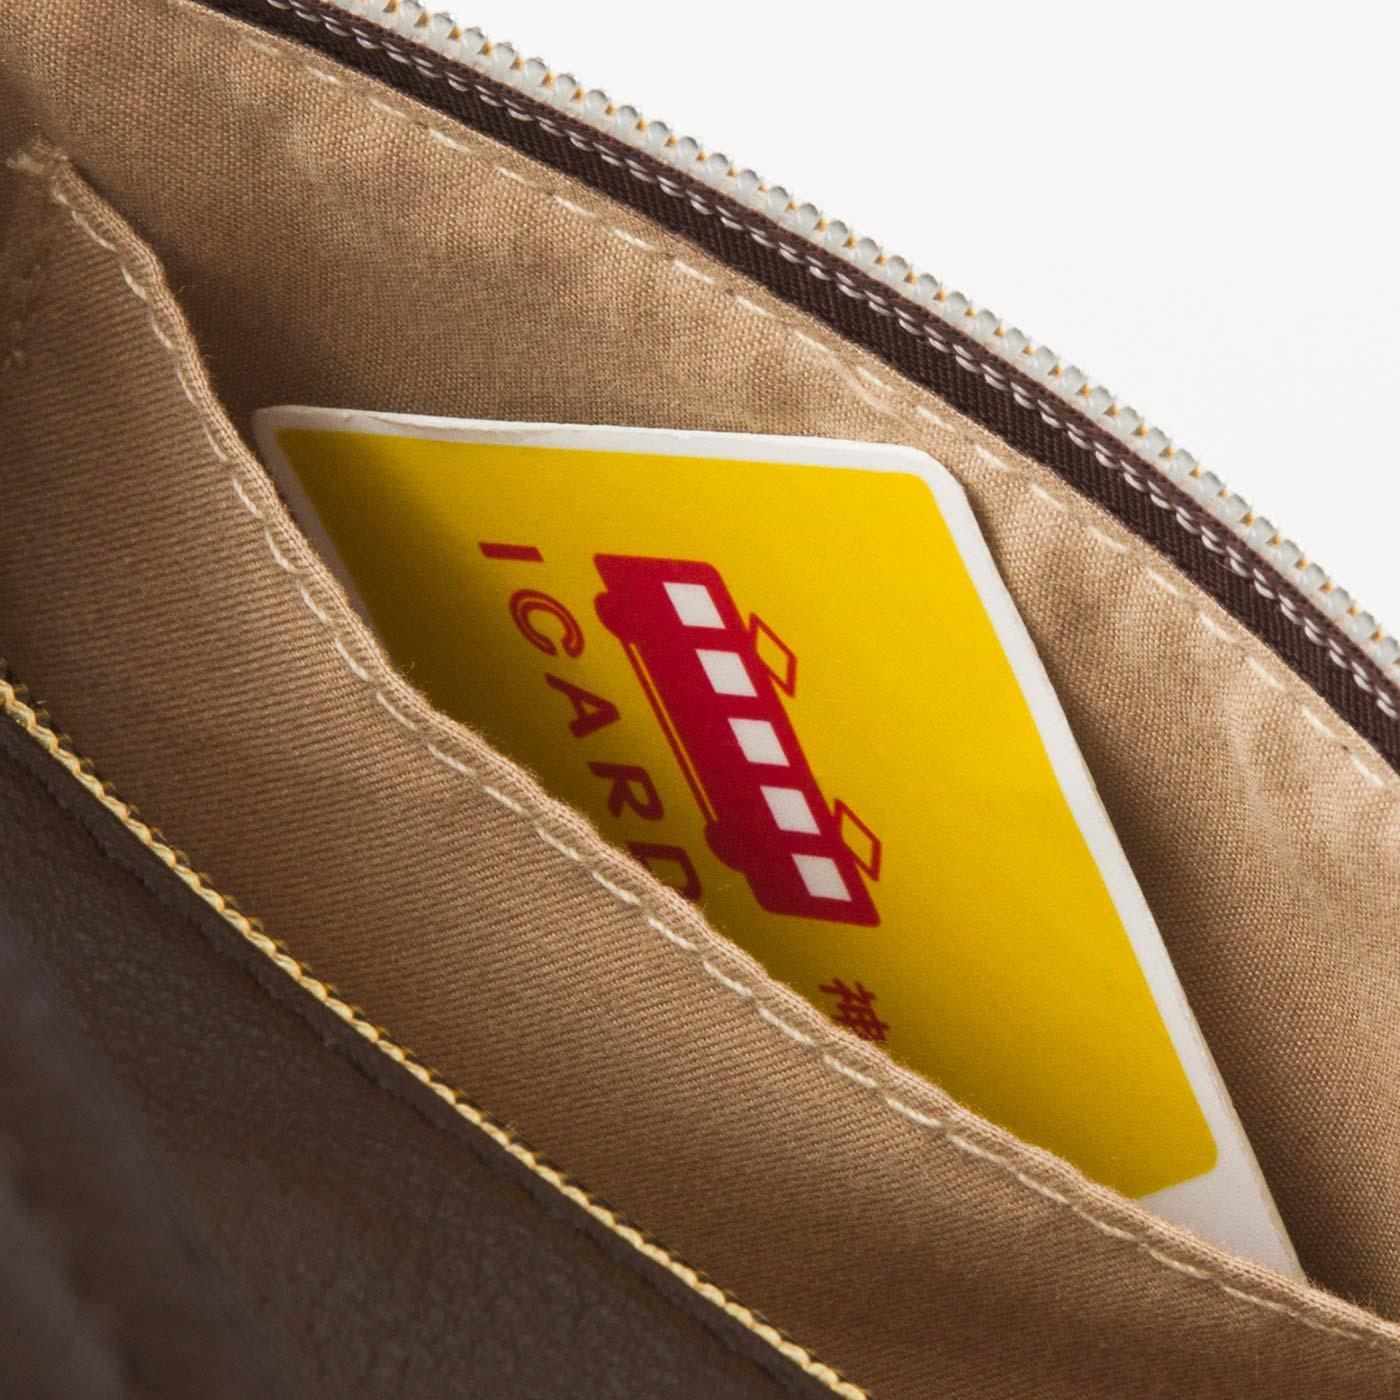 外側ファスナーポケット内側にICカードを入れてバッグごとタッチ。